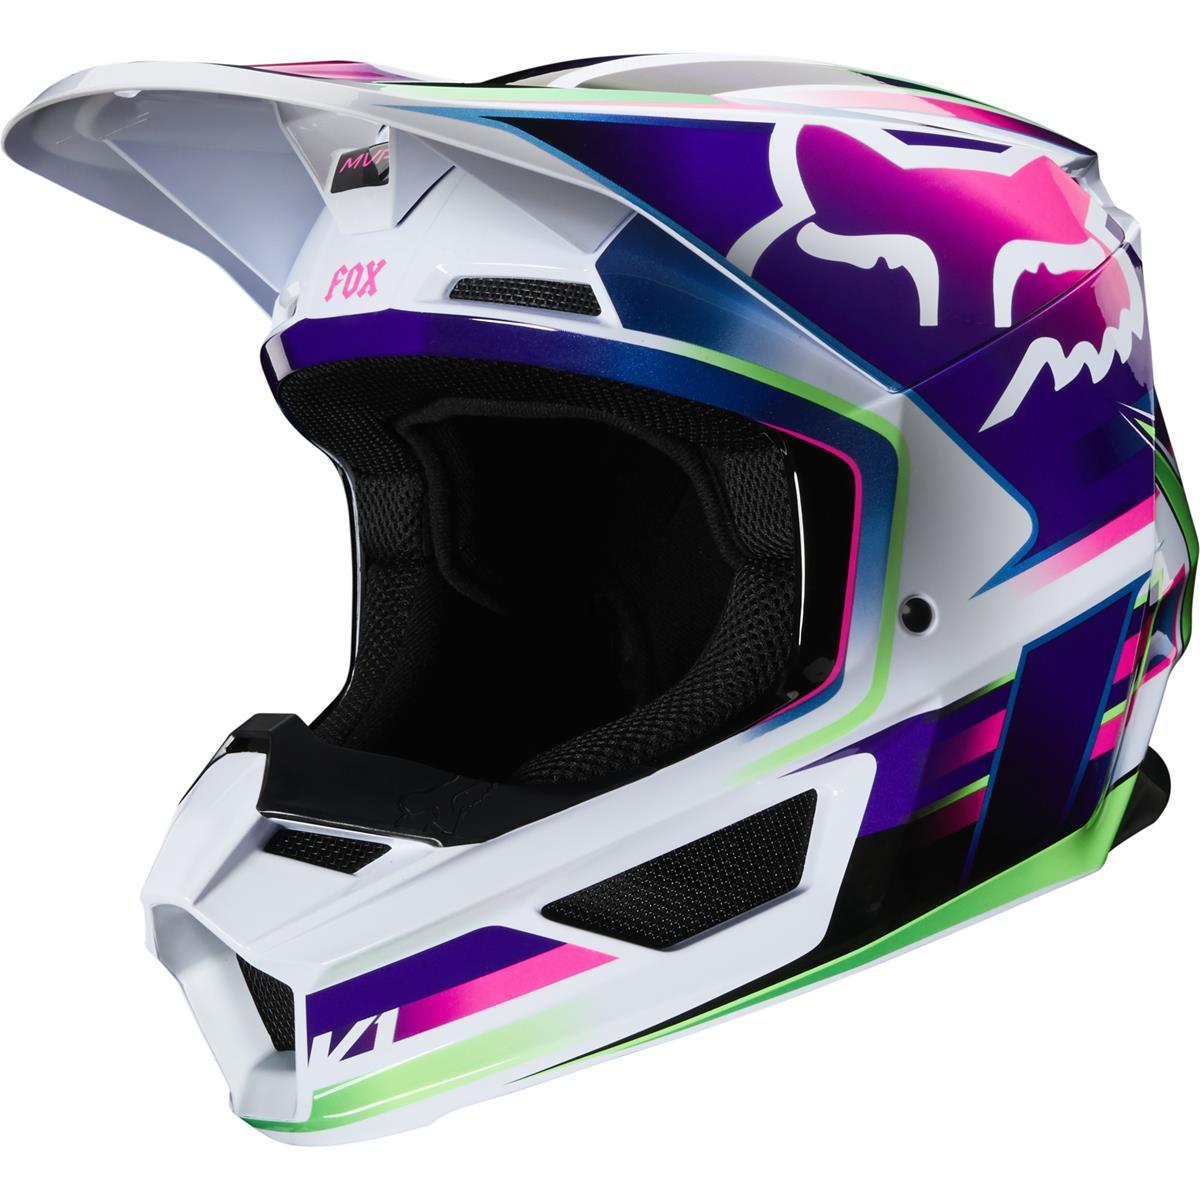 Fox Helm V1 GAMA - Mehrfarbig